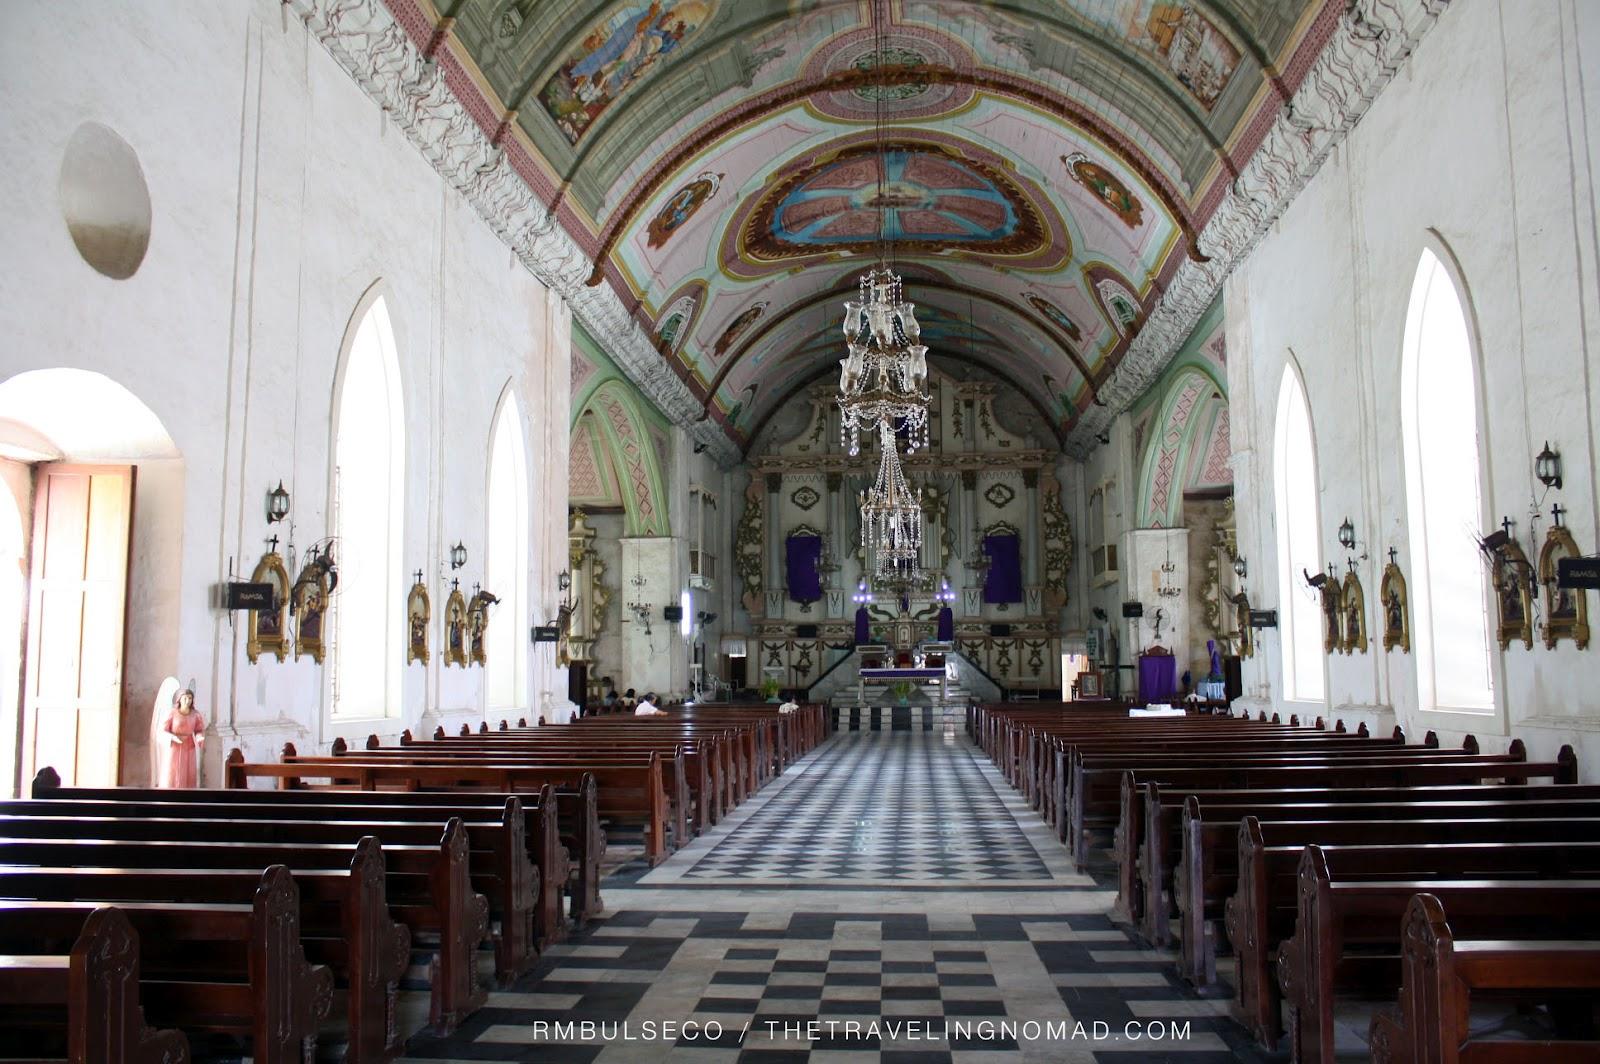 Dalaguete, Cebu